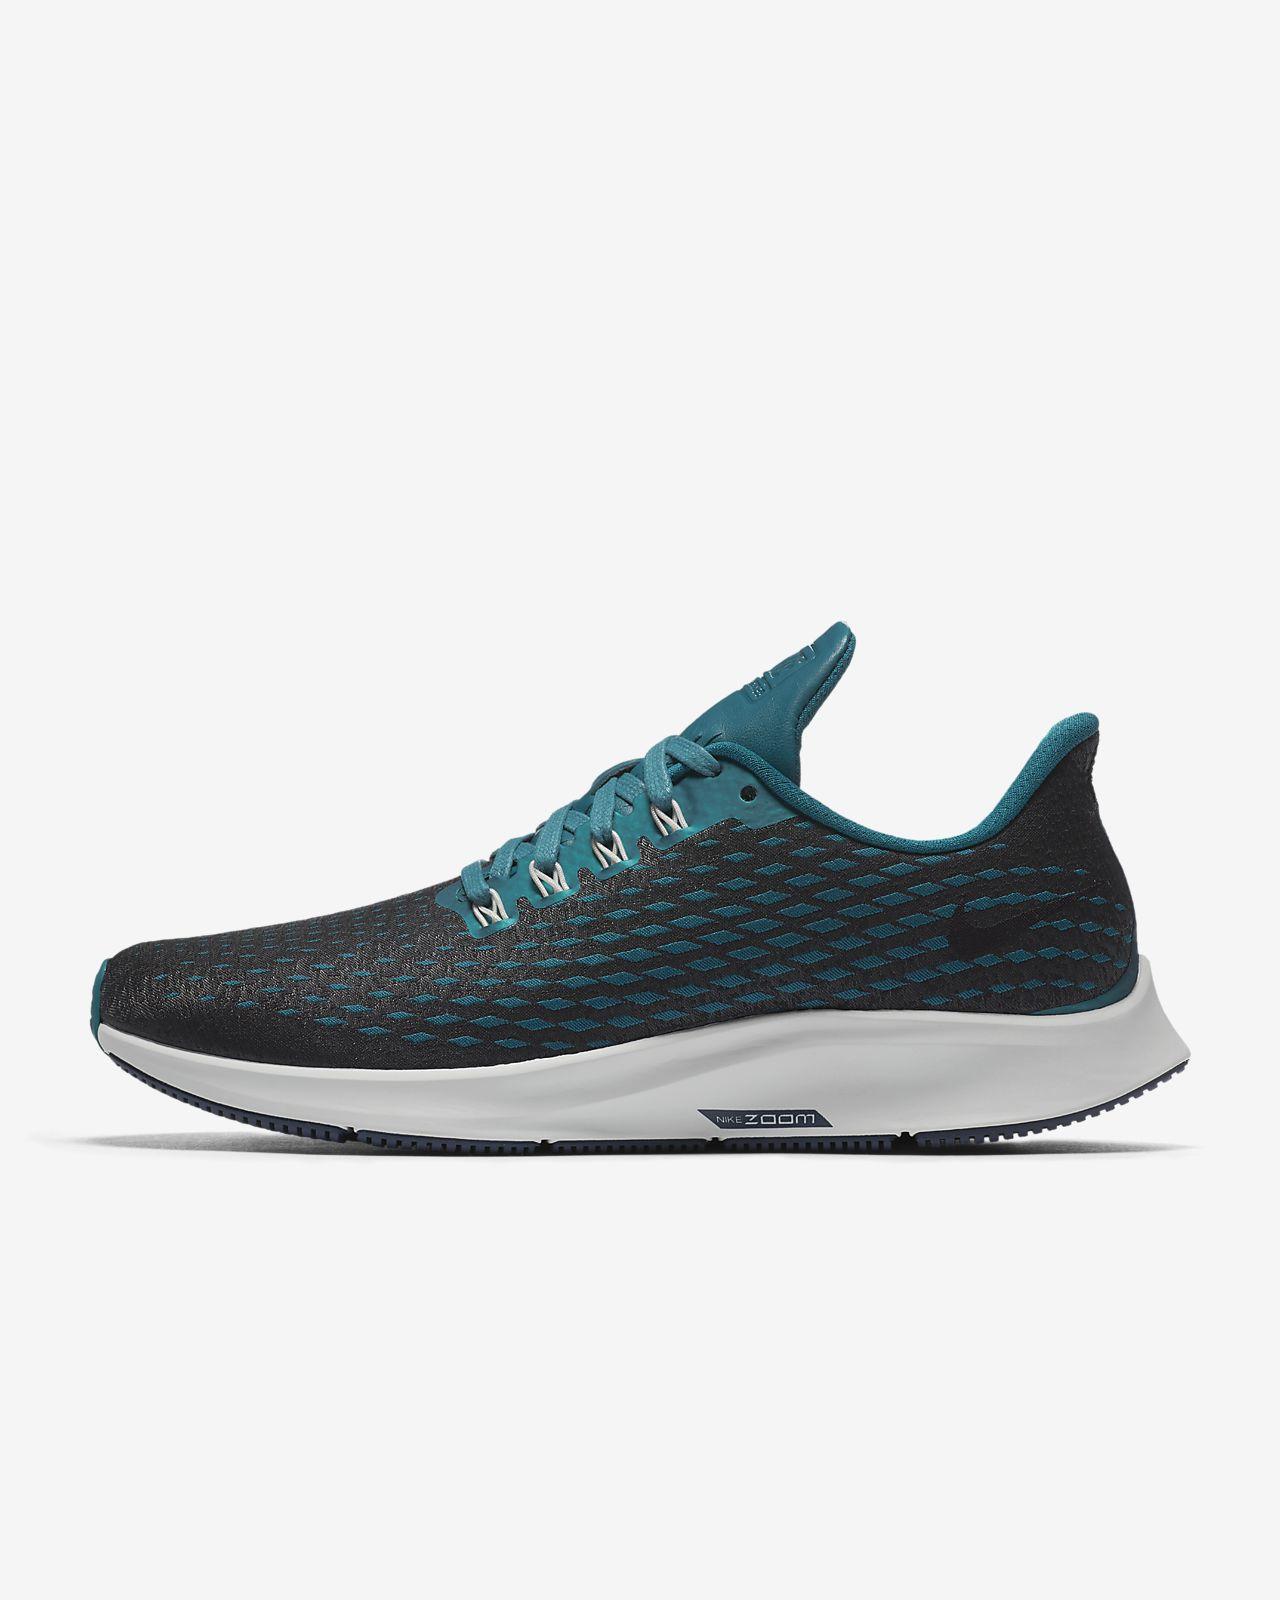 cheap for discount 88c52 10772 Nike Air Zoom Pegasus 35 Premium